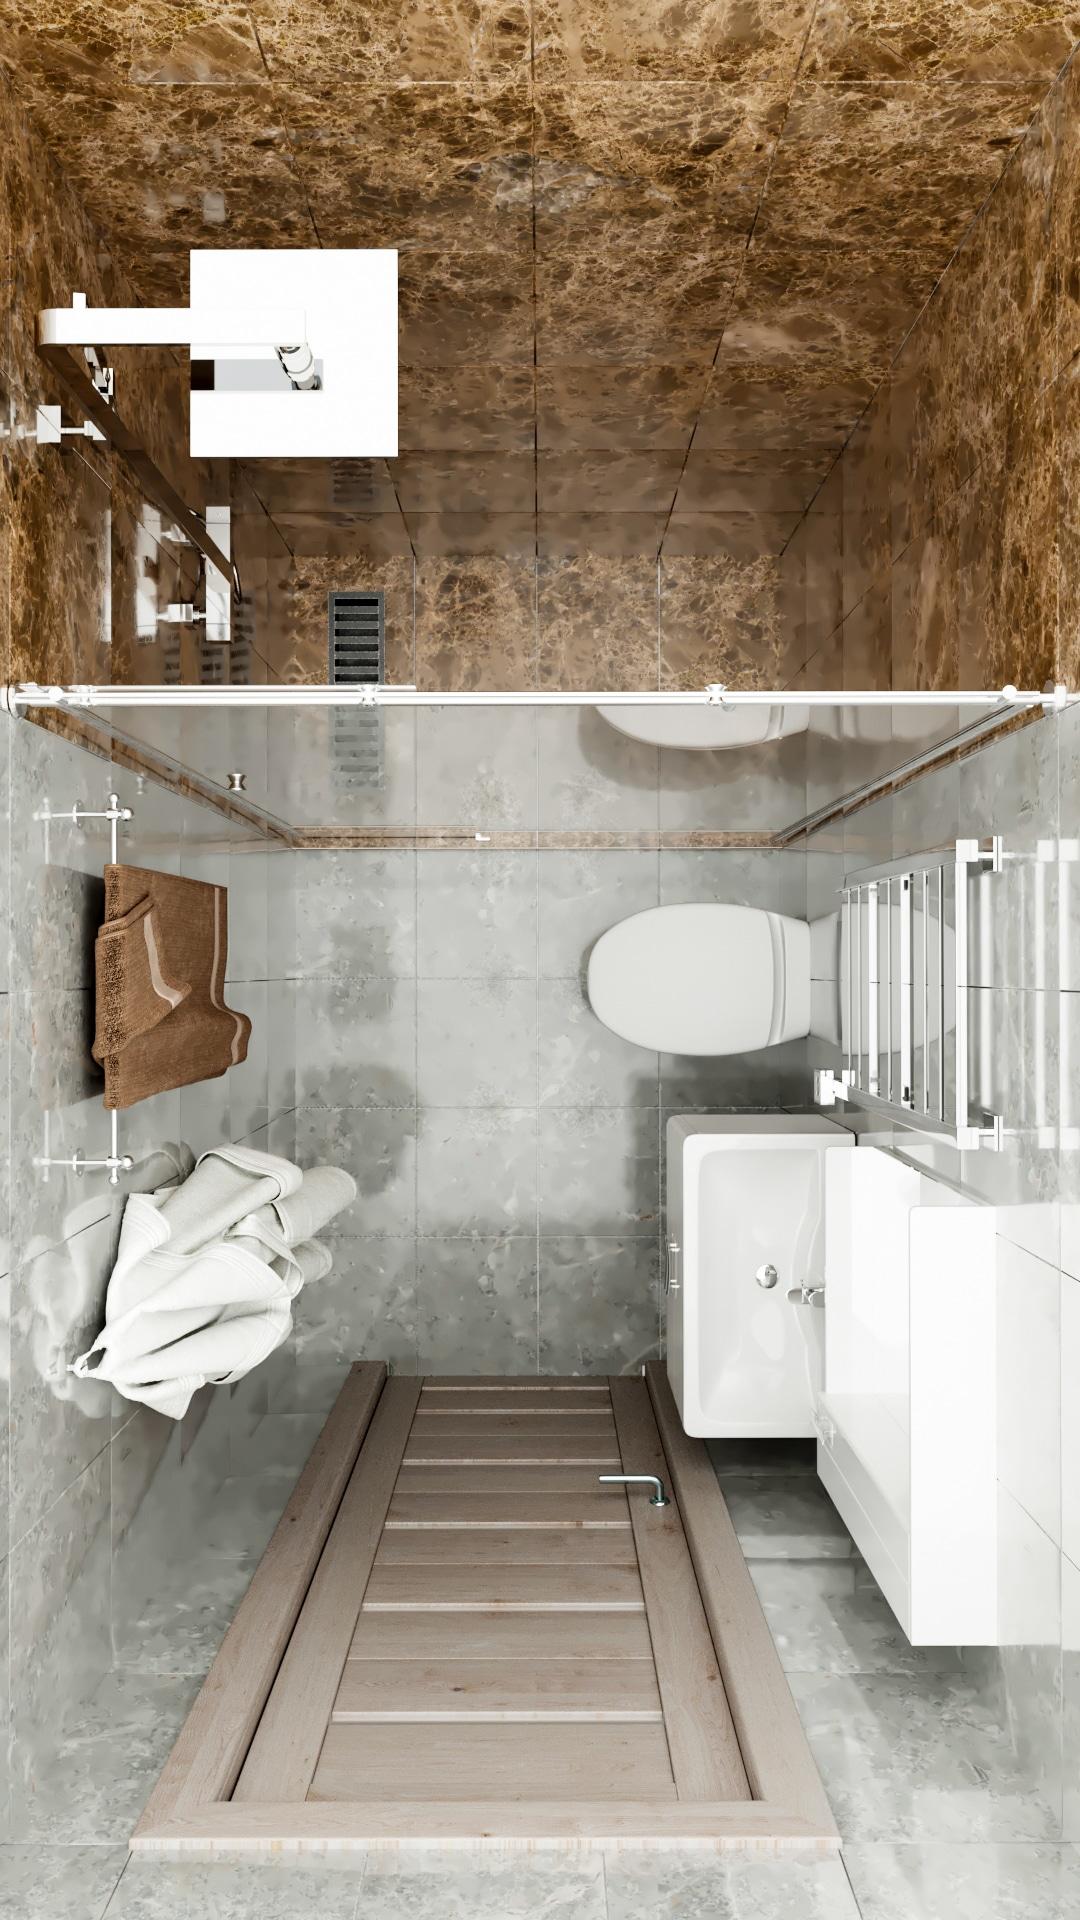 Вид сверху на туалет и ванную комнату маленькой квартиры студии 16 кв.м